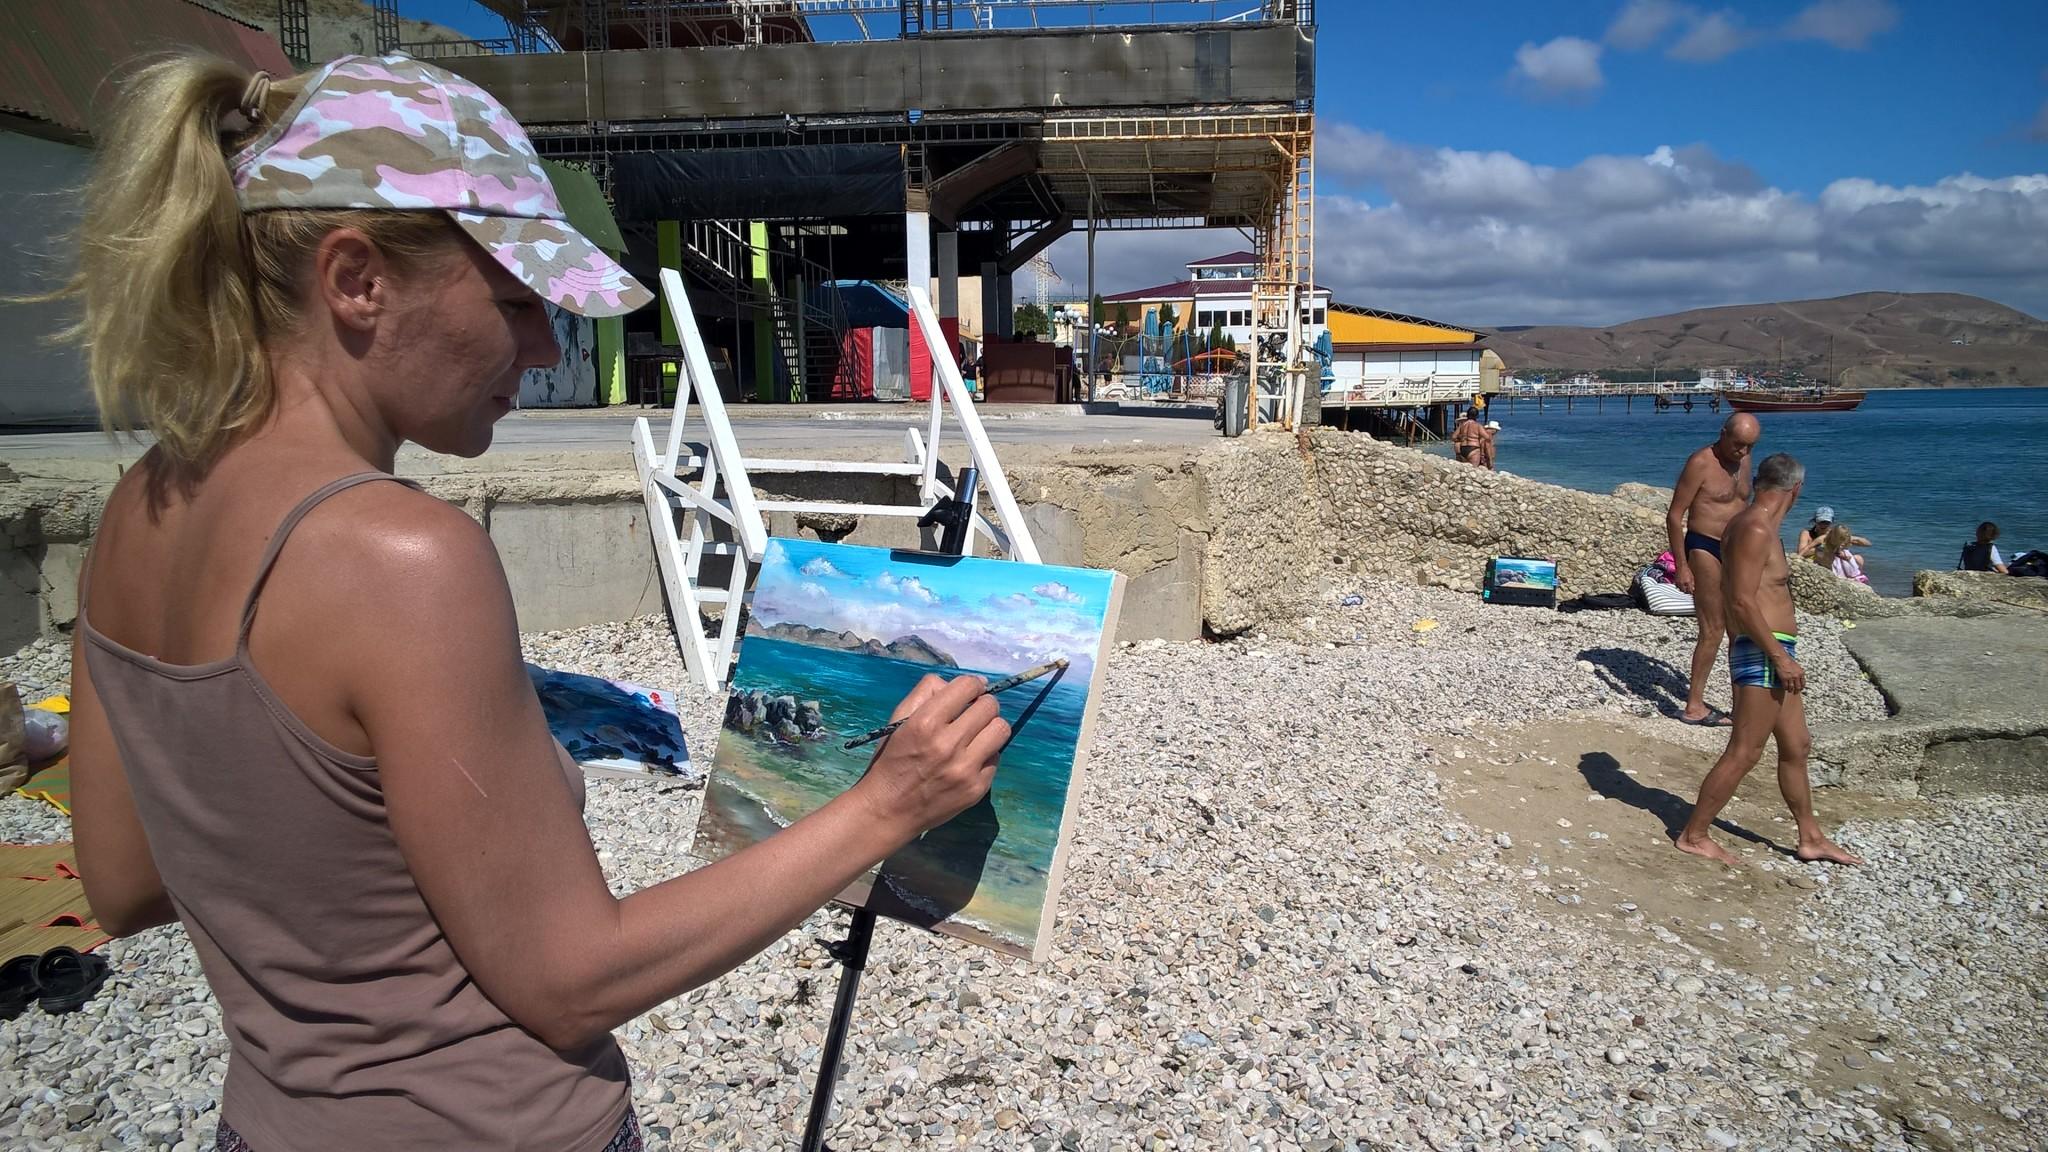 Фото девушек на пляже профи 19 фотография